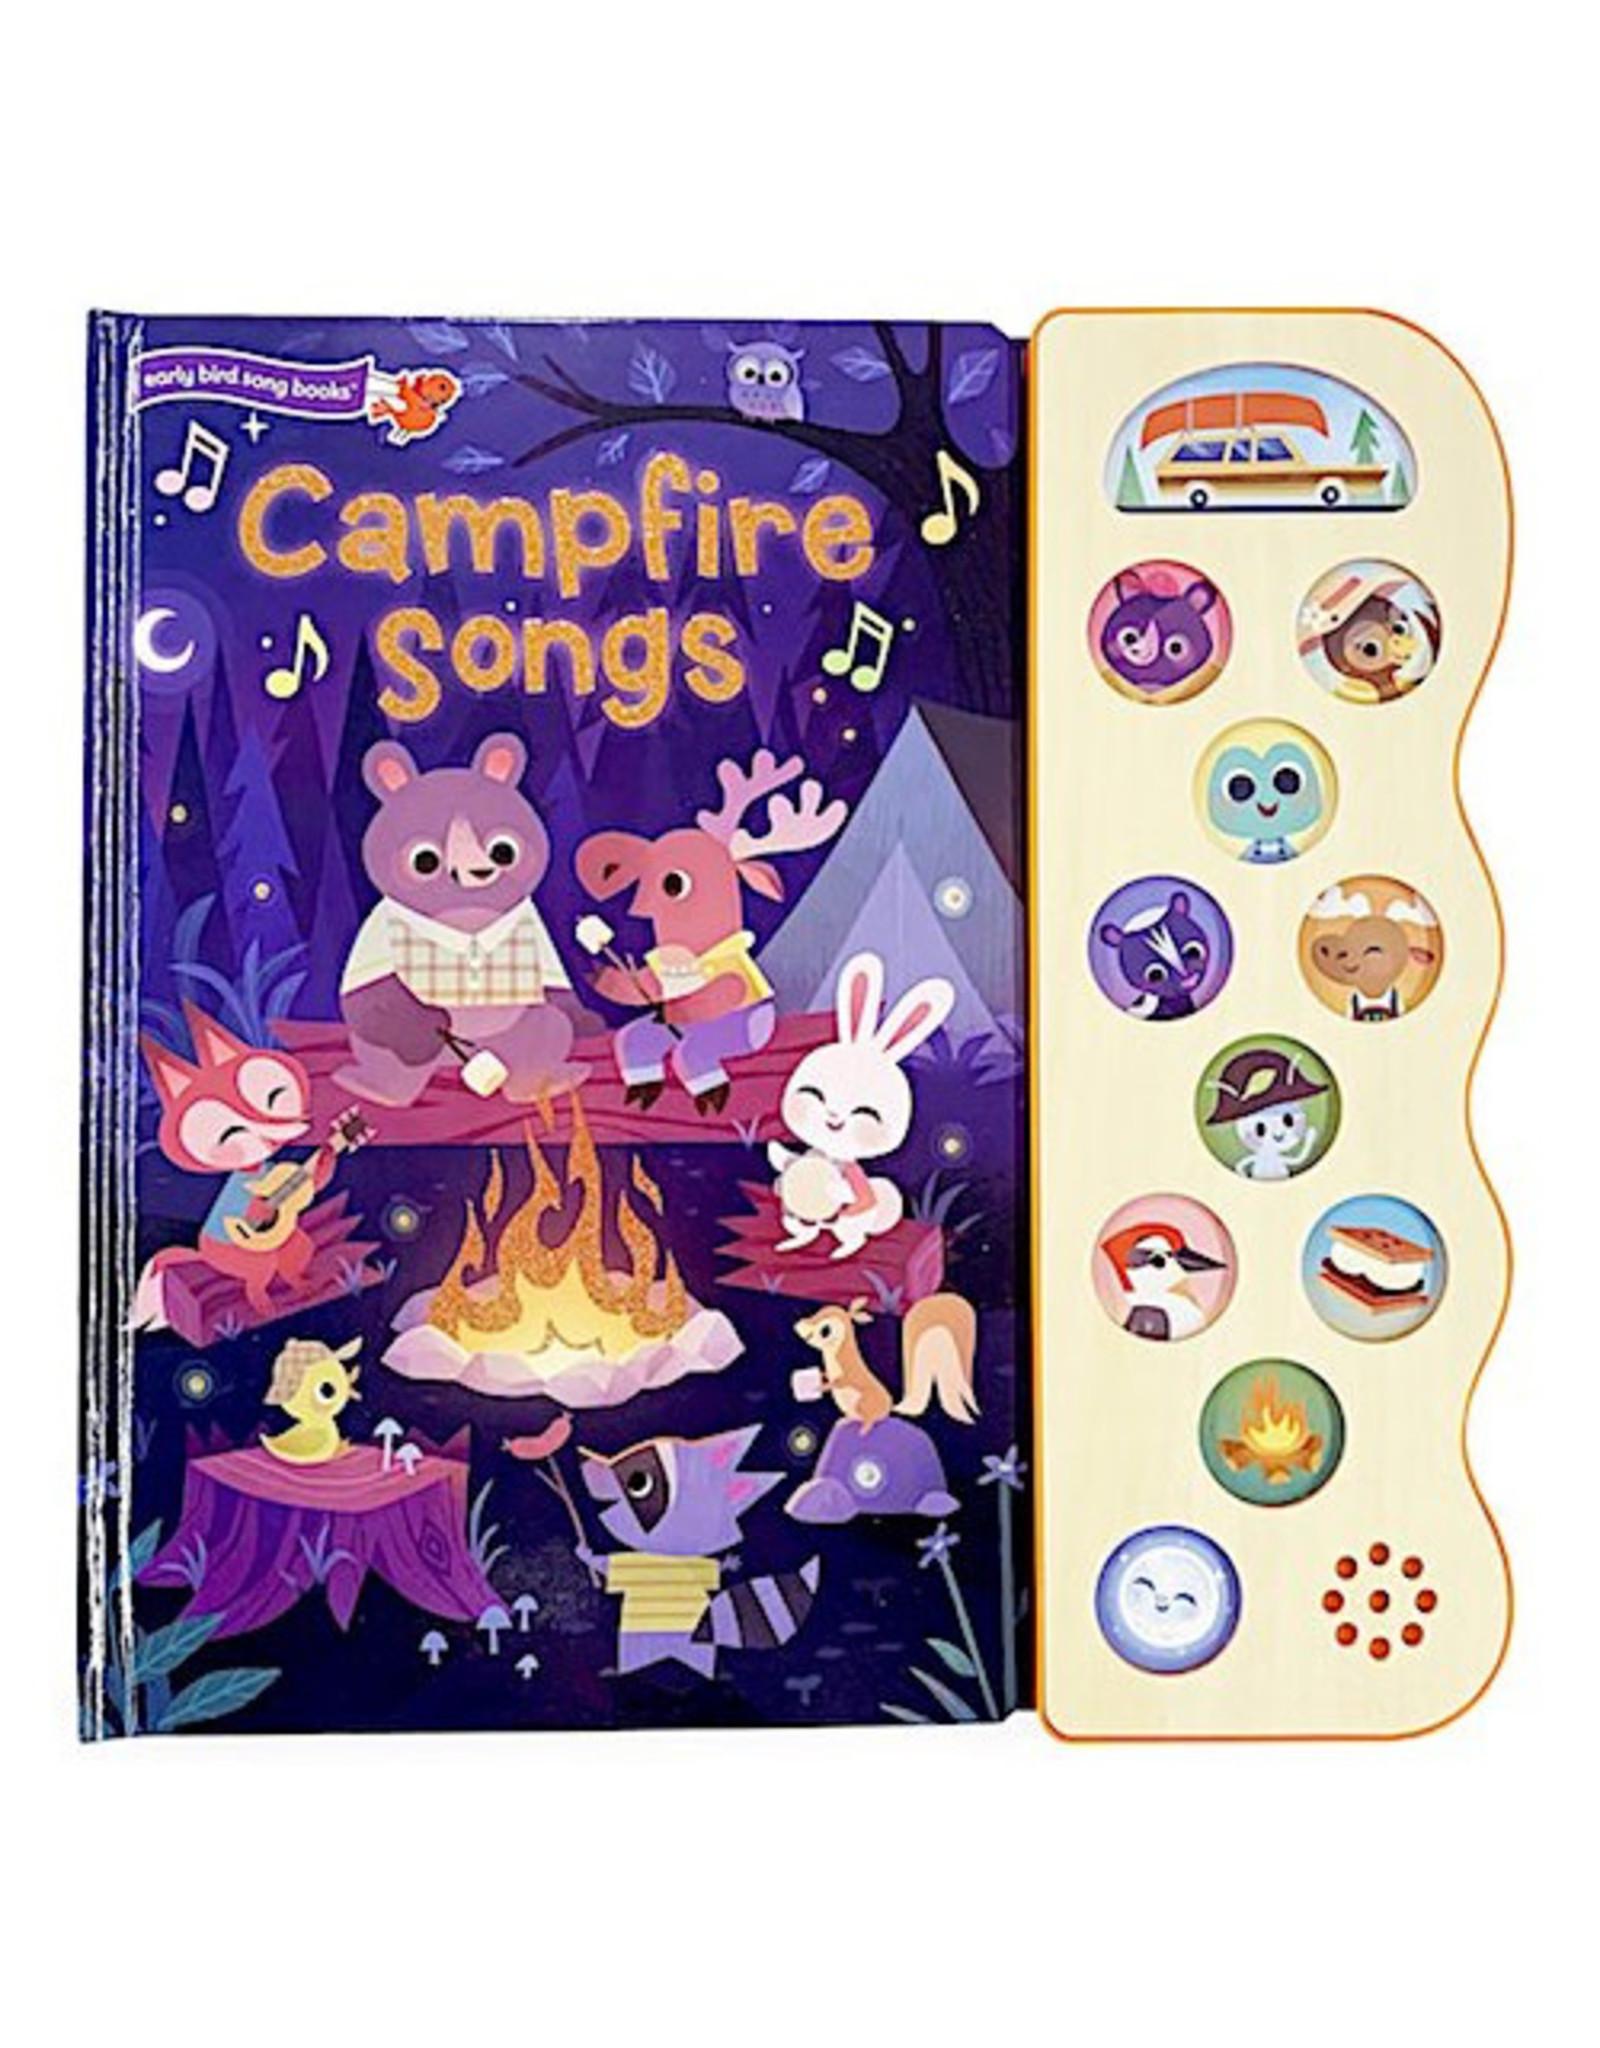 Cottage Door Press Campfire Songs